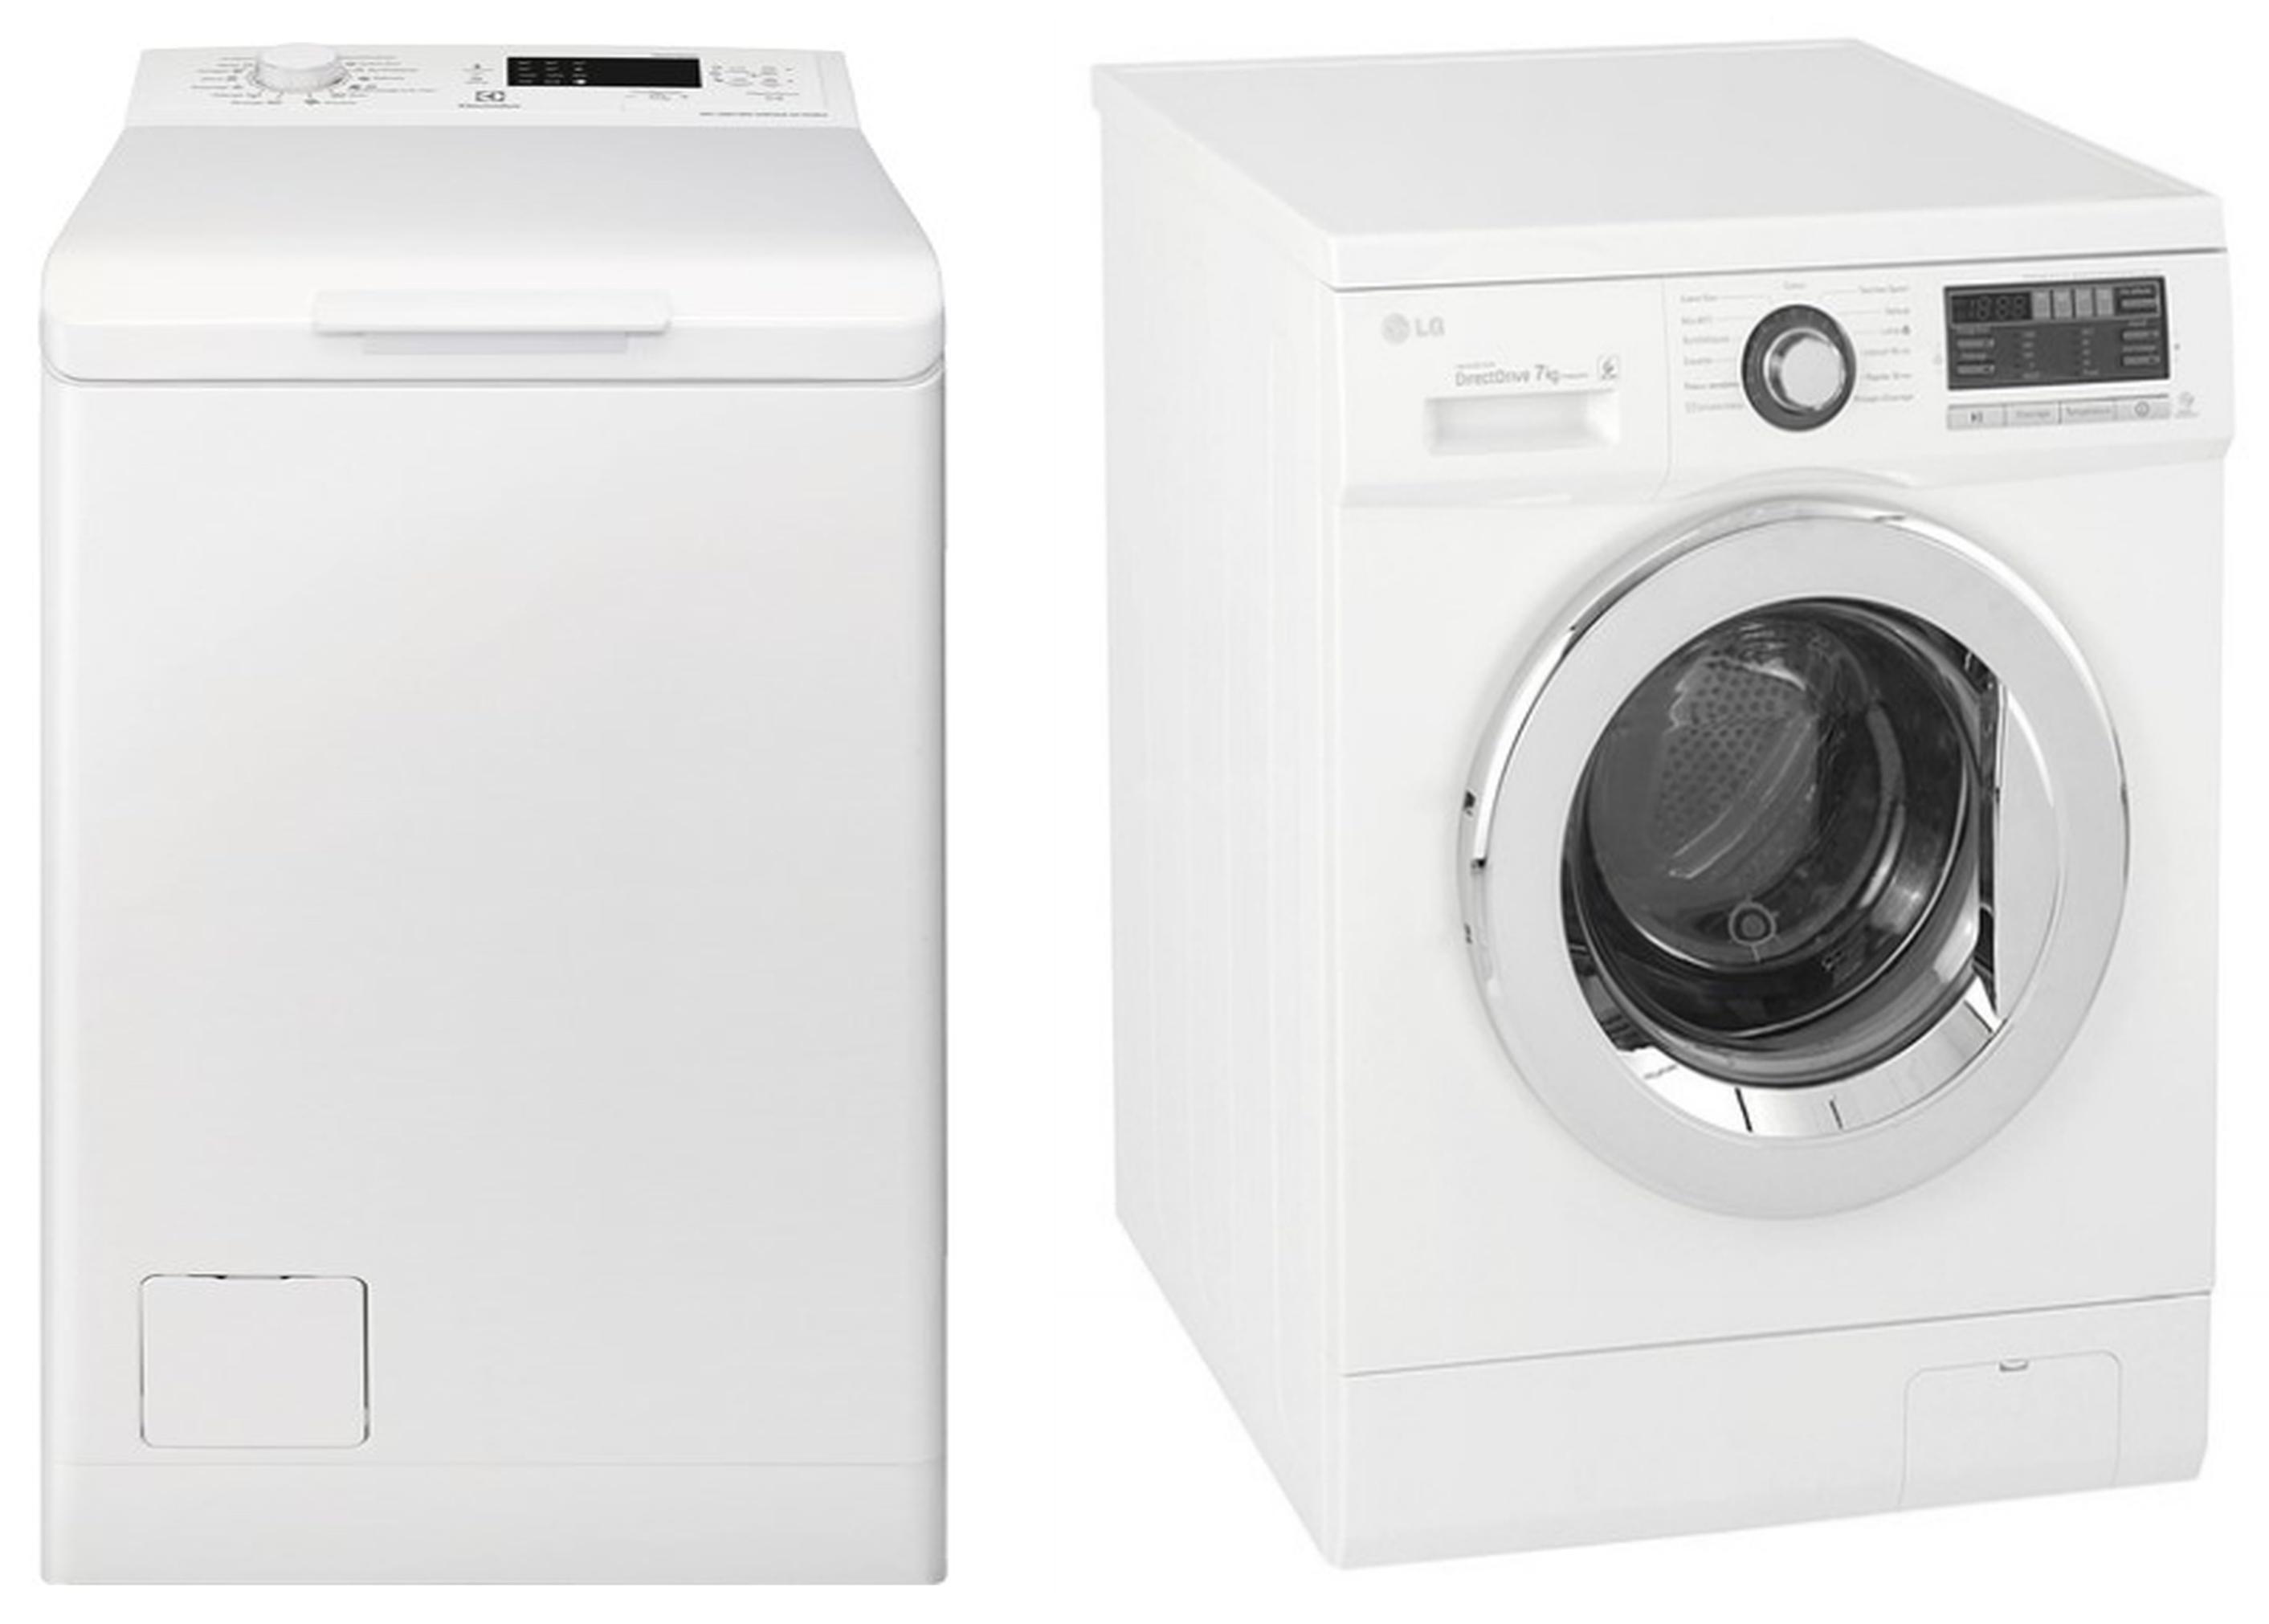 Guide d'achat : Bien choisir son lave-linge